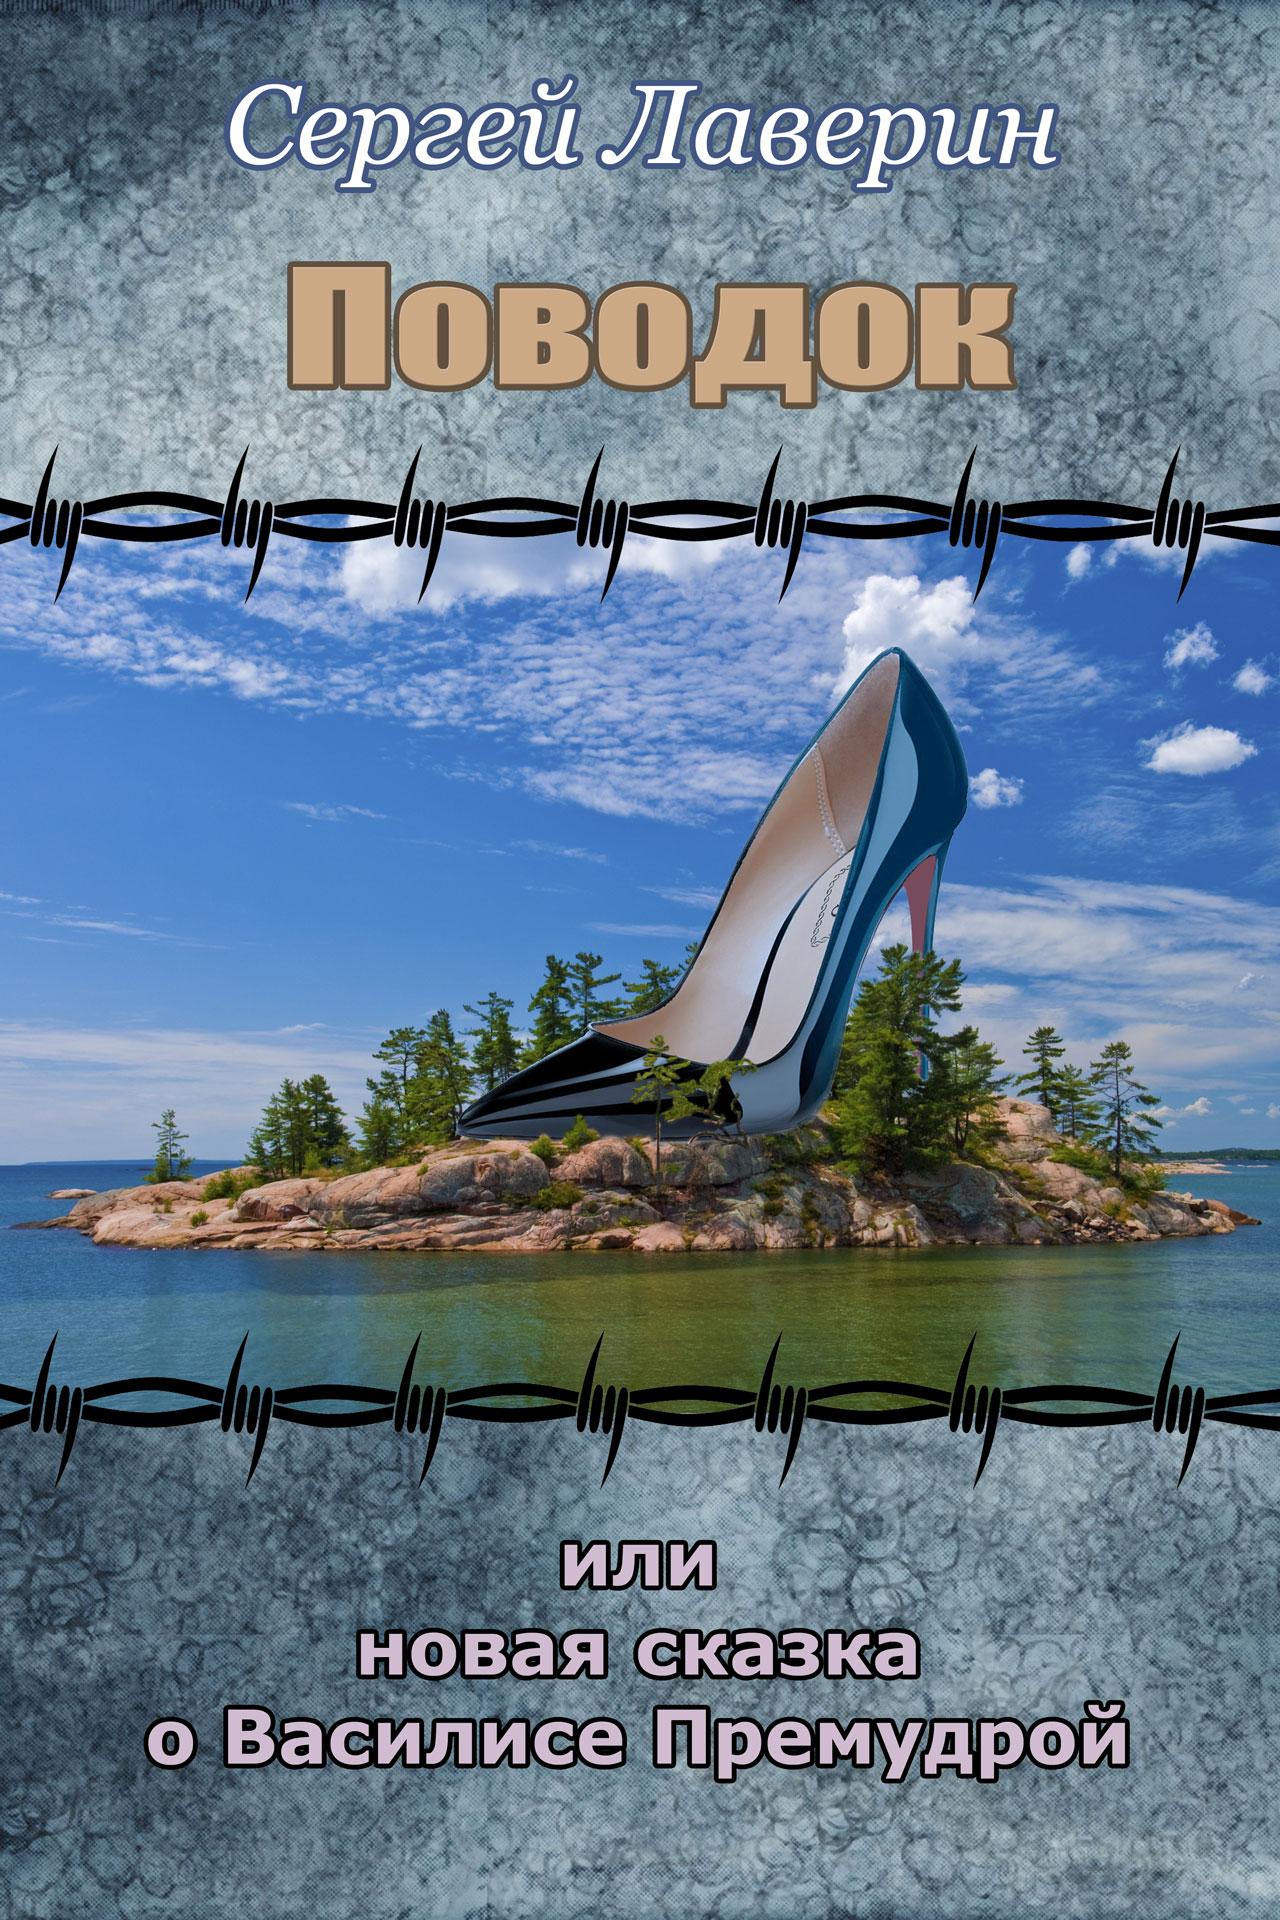 Эротика - Любовные романы - Художественная литература ...